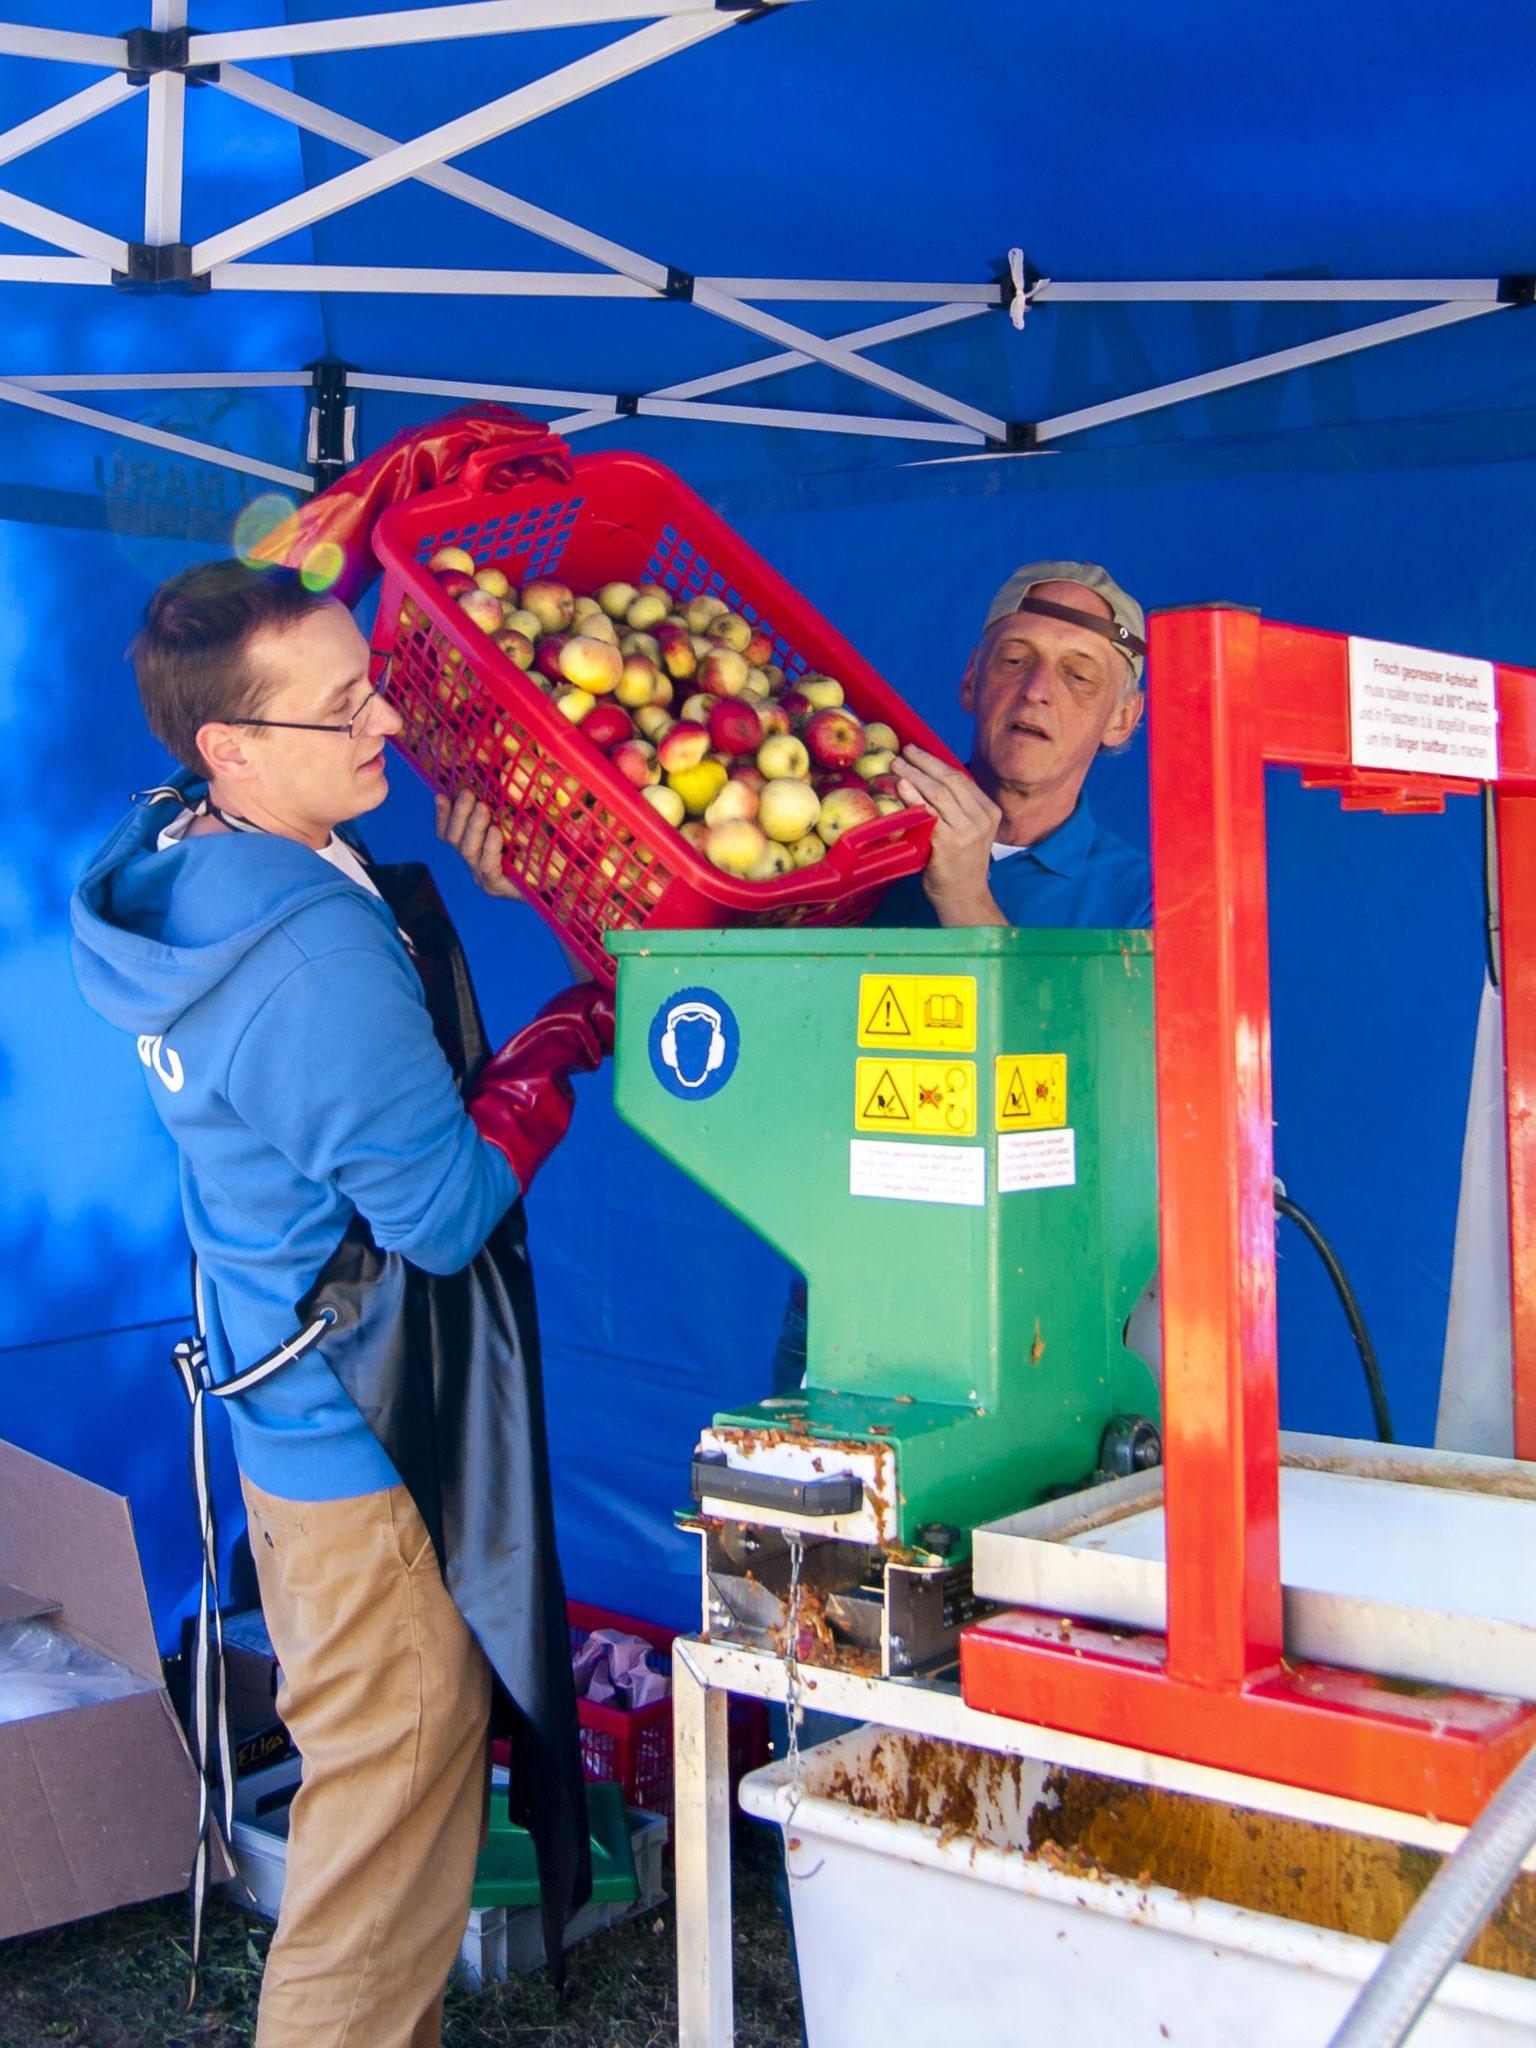 Nick Büscher und Günter Groß an der Apfelpresse. - Foto: Kathy Büscher